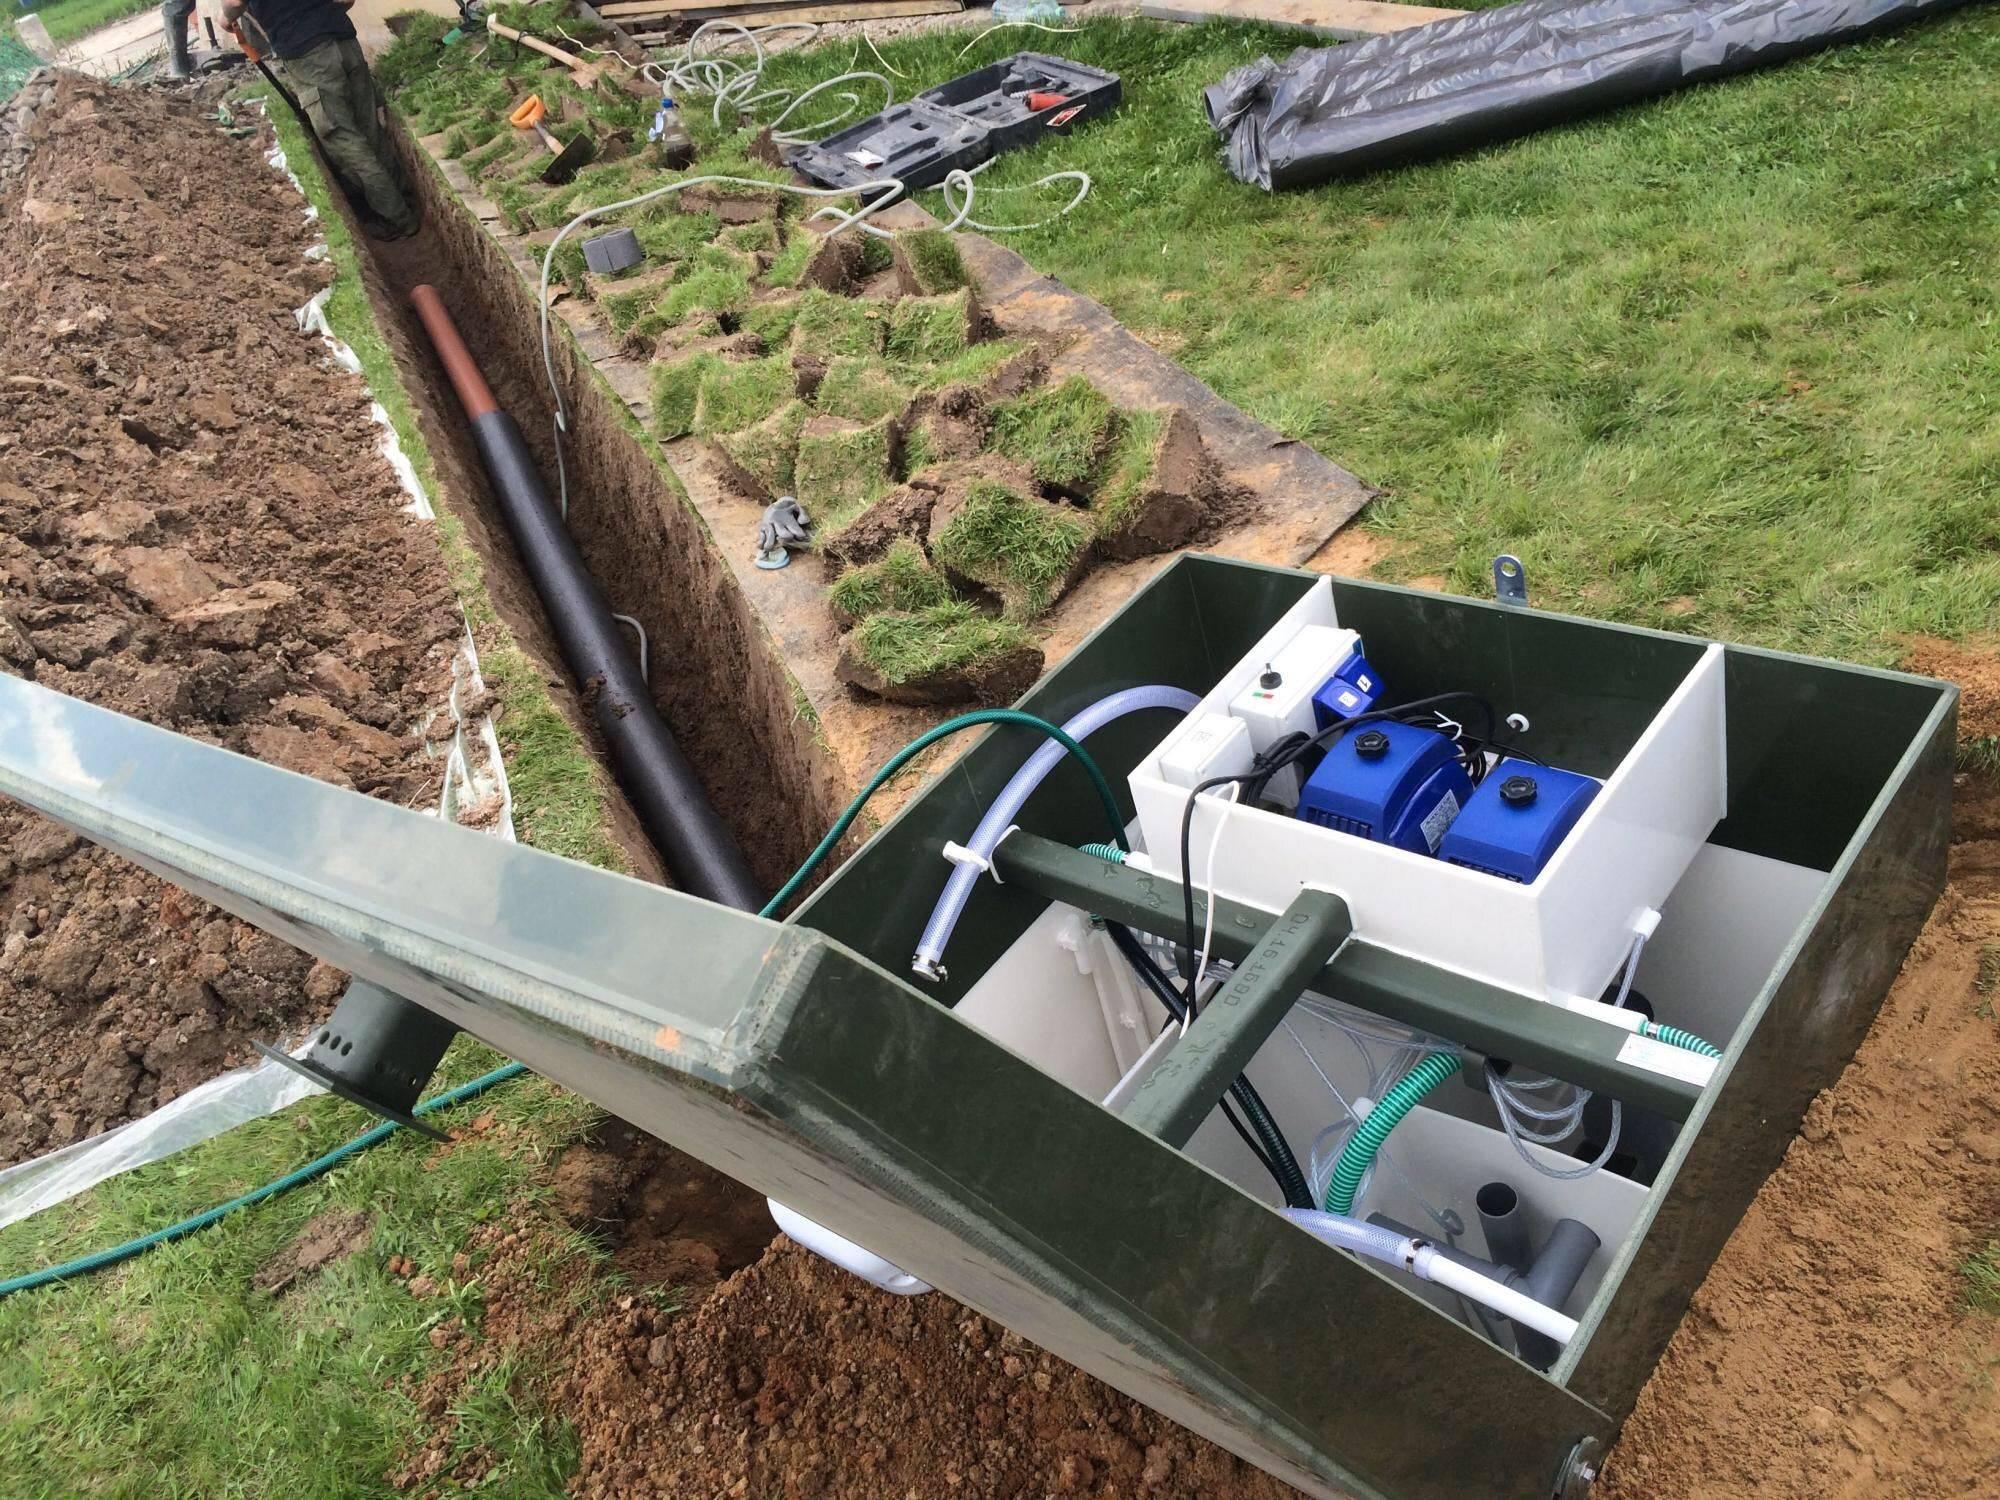 Как сделать слив на даче грязной воды из дома: варианты автономной канализации